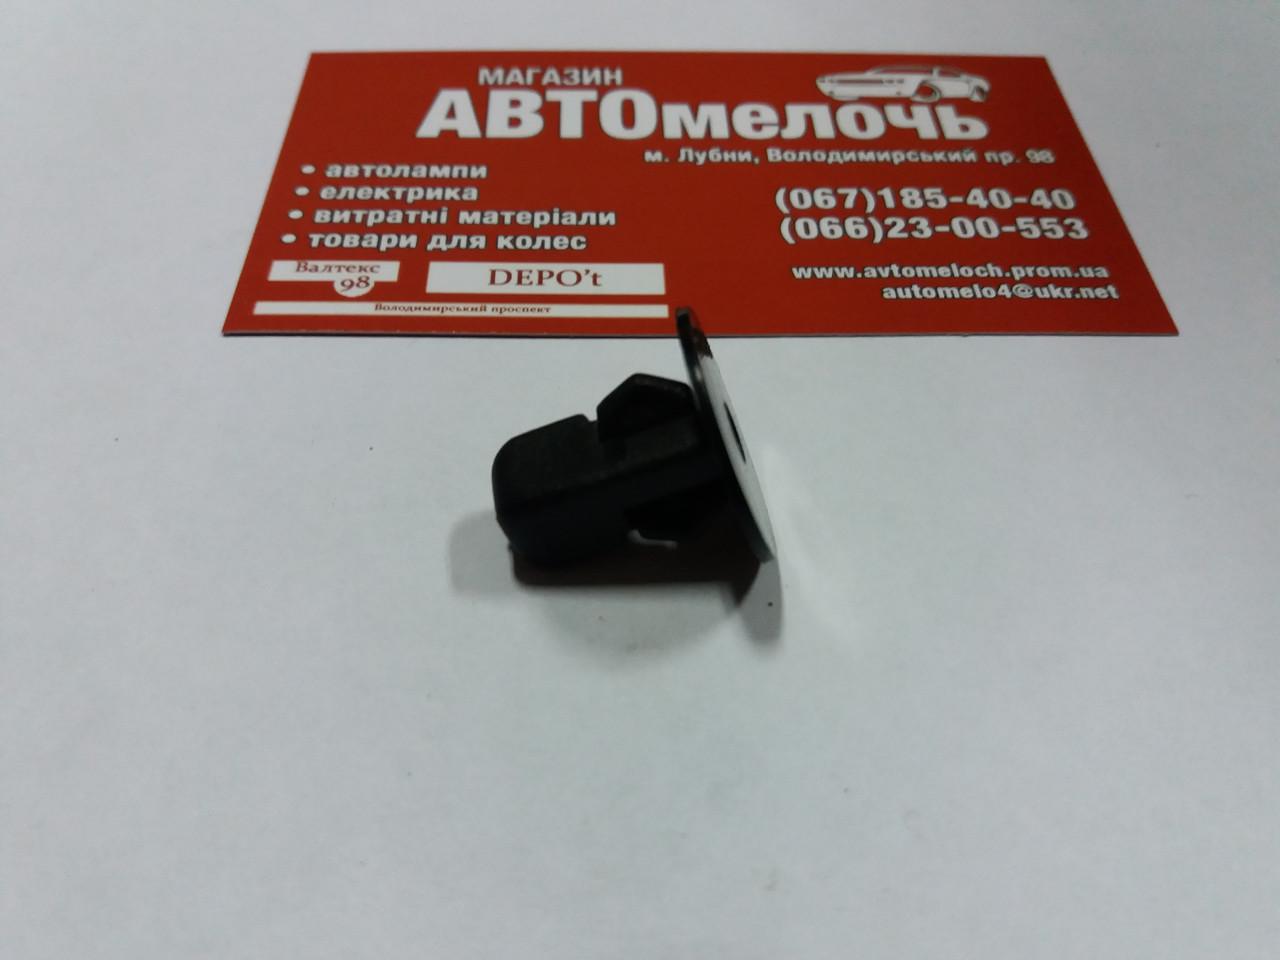 Квадрат обшивки 8 мм. черный (Honda, Toyota, Ford) 90189-06013